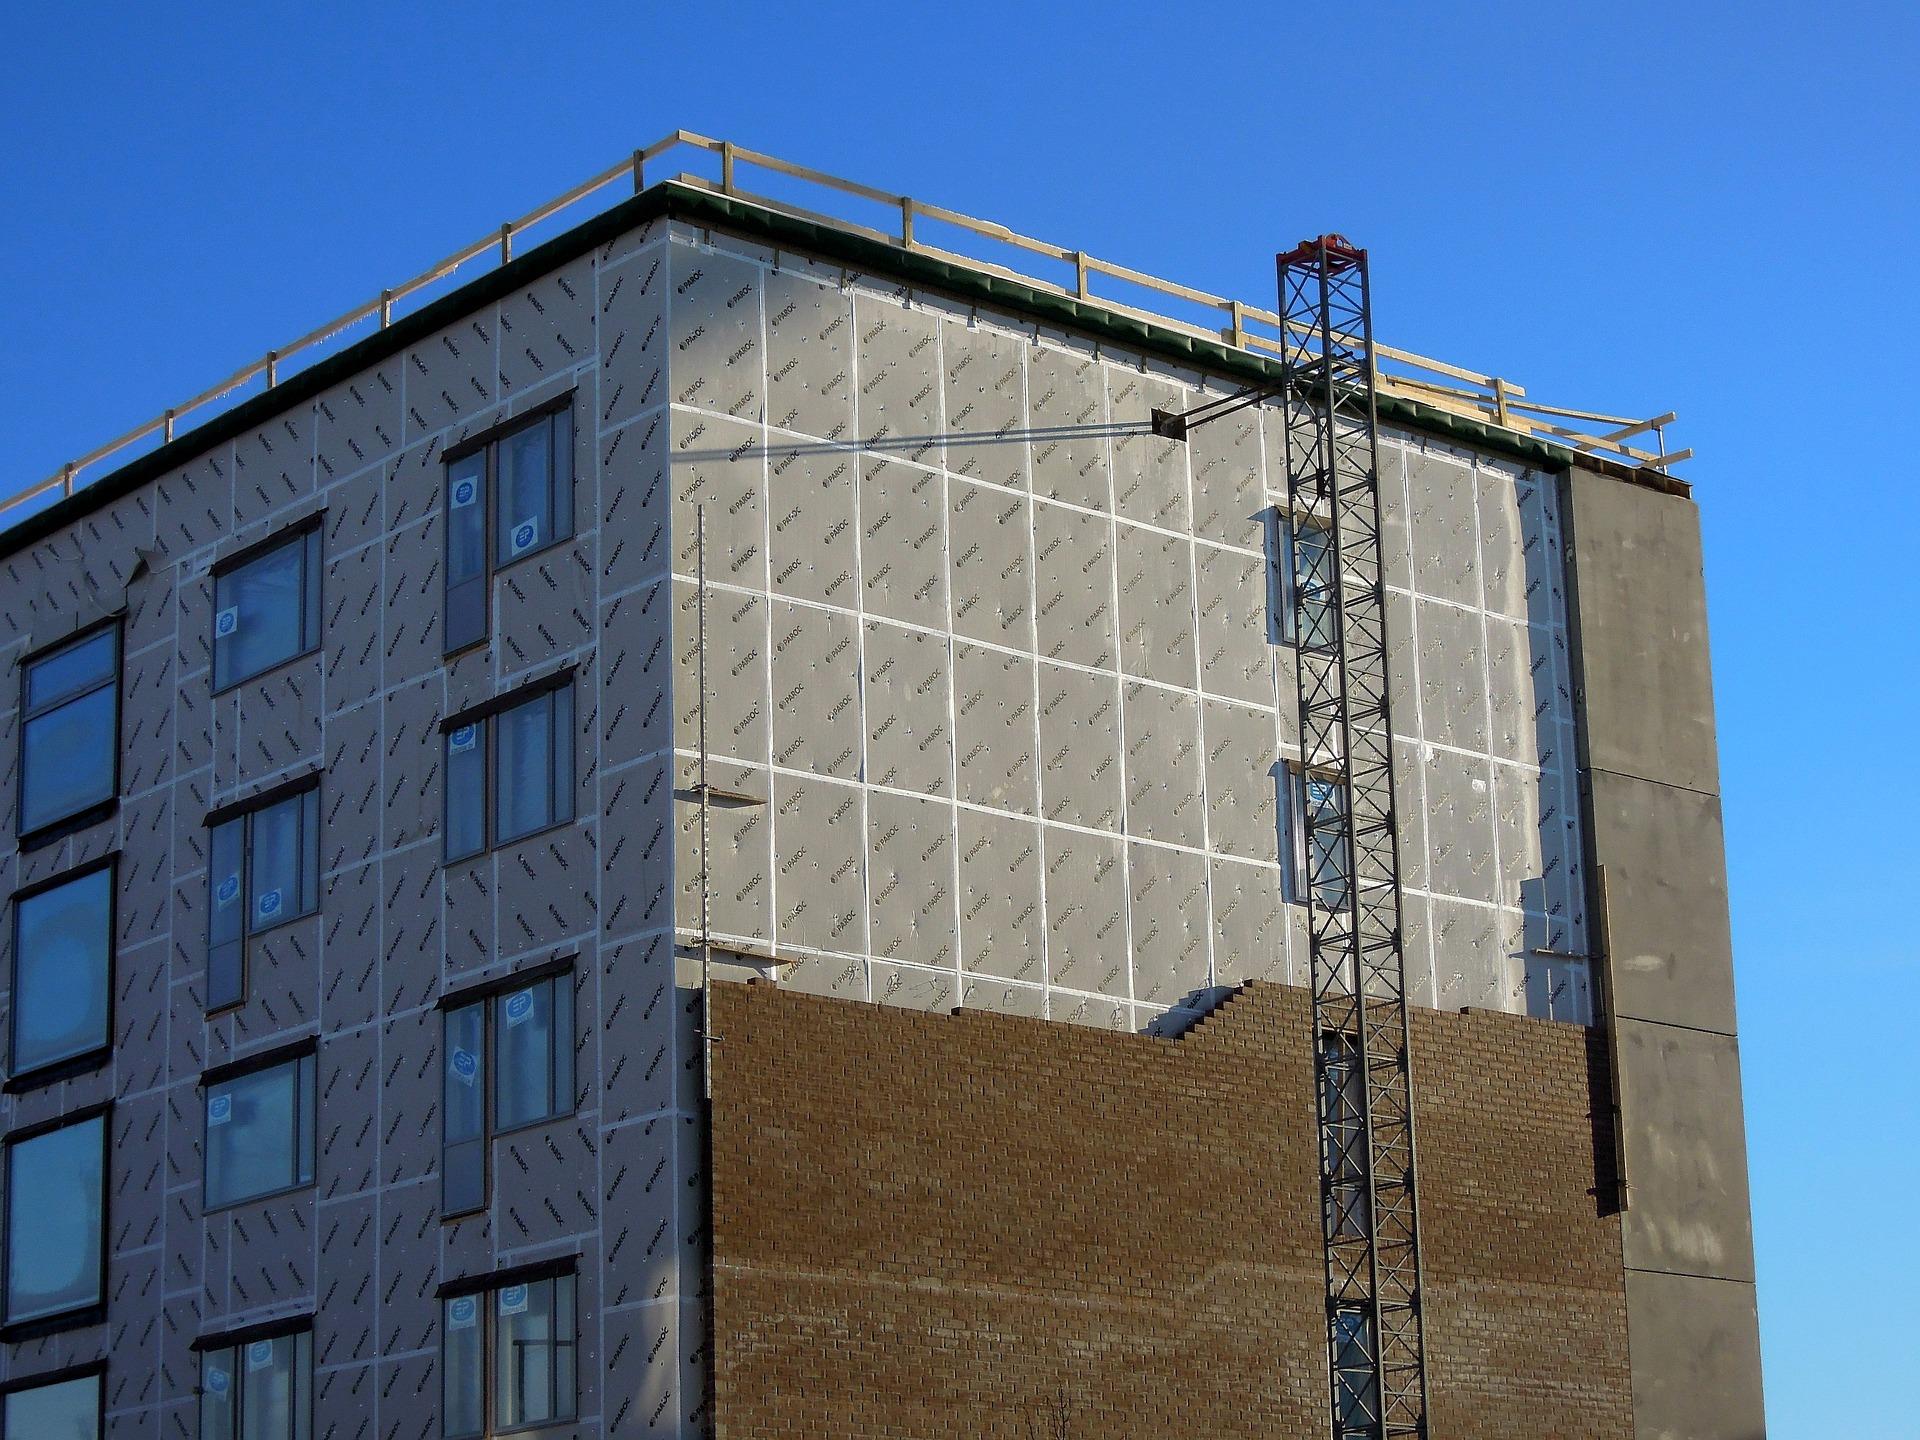 Gute Gründe für eine gute Wärmedämmung - Altbausanierung in Halle und Leipzig